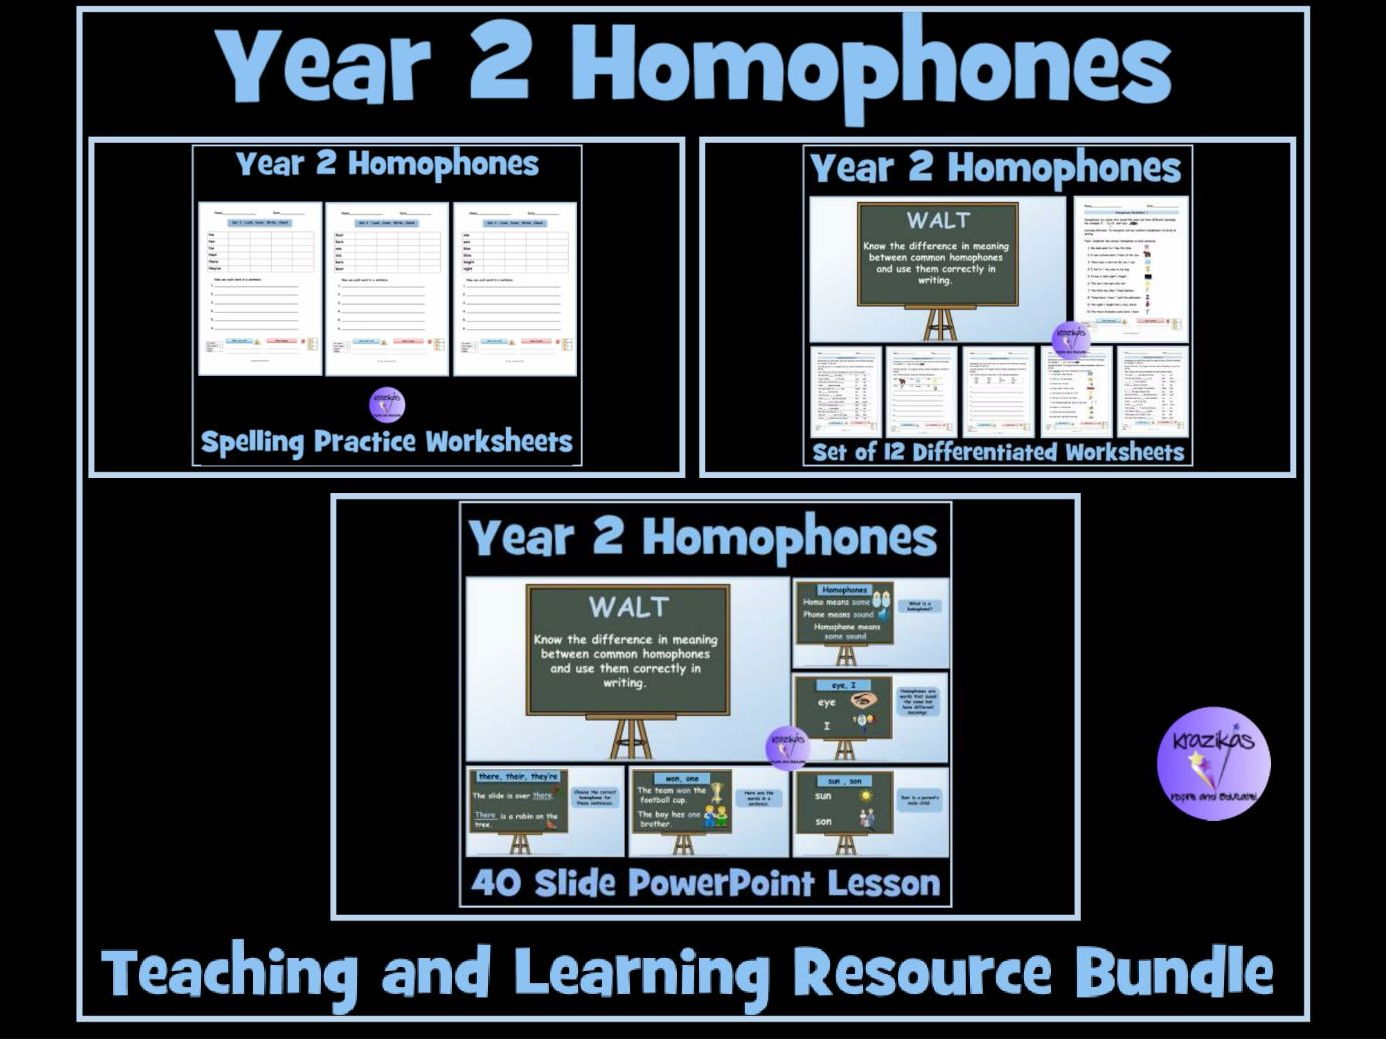 Homophones Year 2